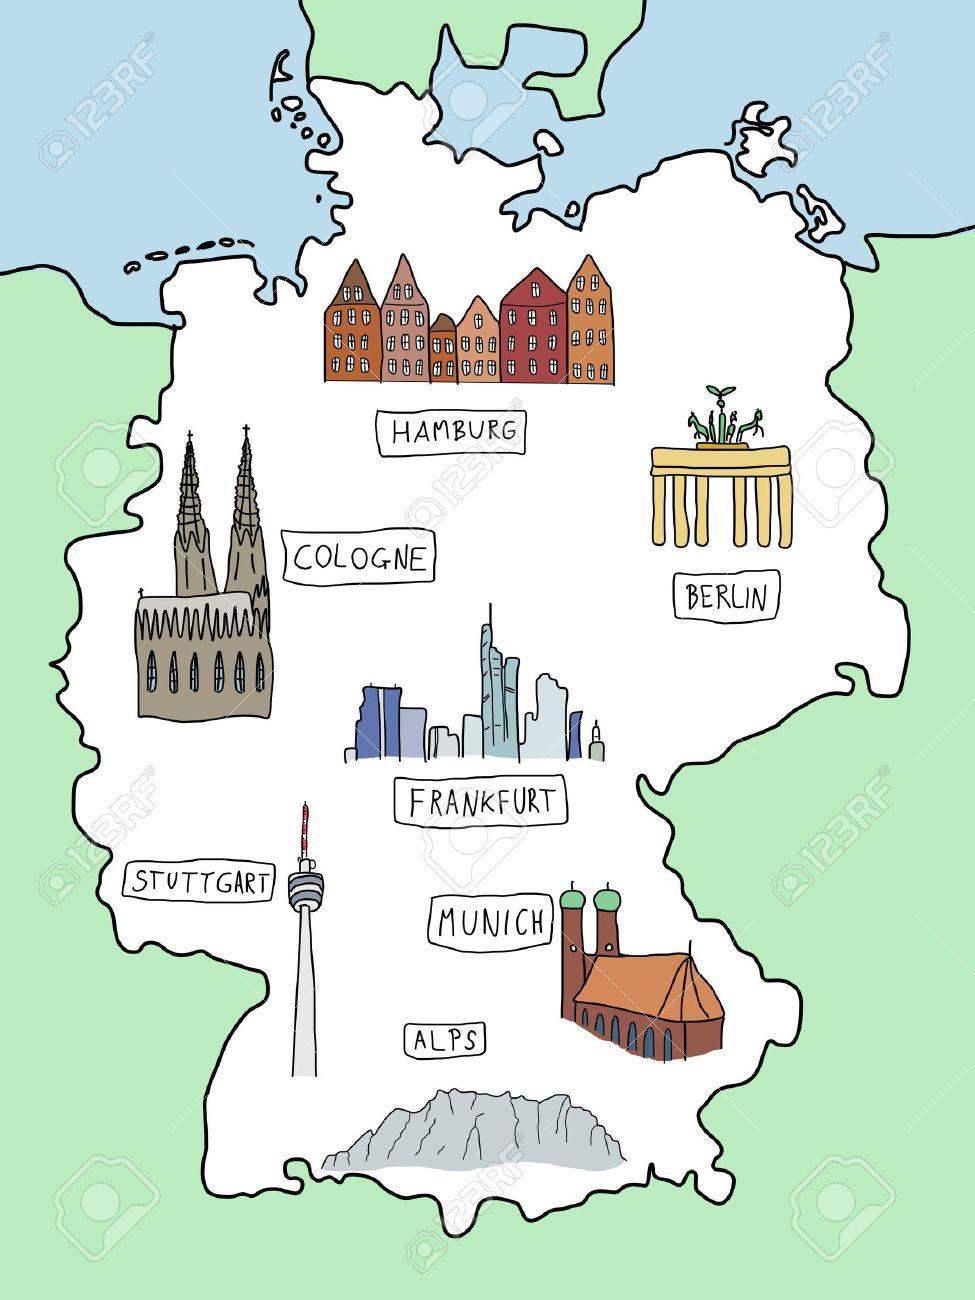 Alemania Doodle Mapa Con Los Lugares Famosos Berlin Hamburgo